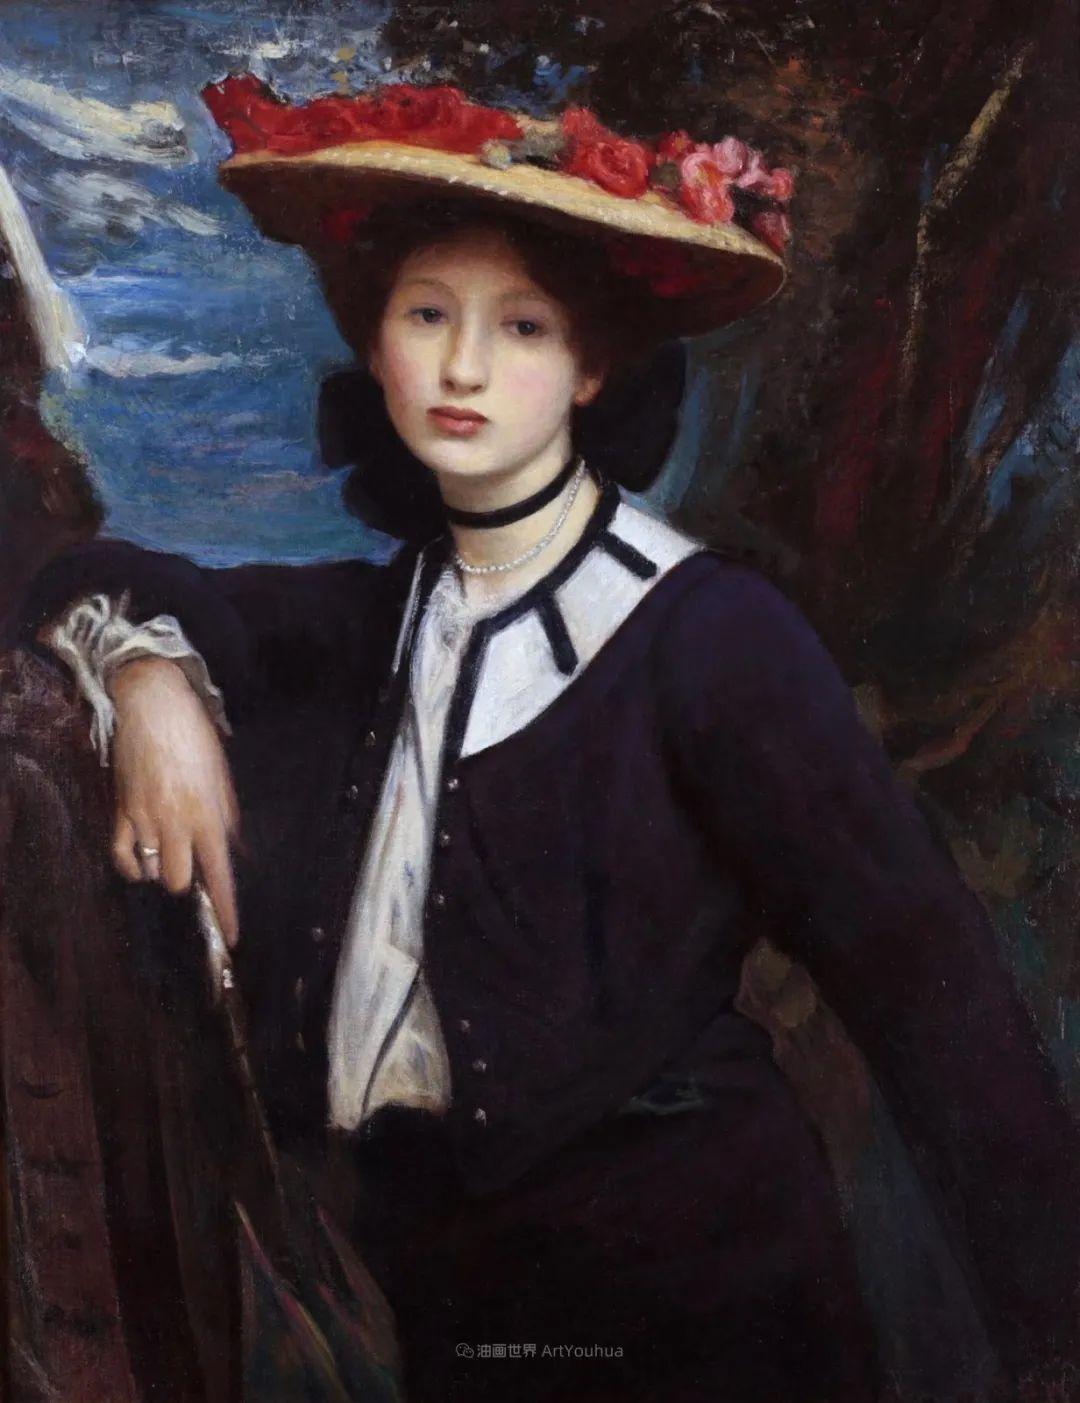 英国浪漫主义晚期肖像画家,皇家美术学院院士乔治·沃森插图19